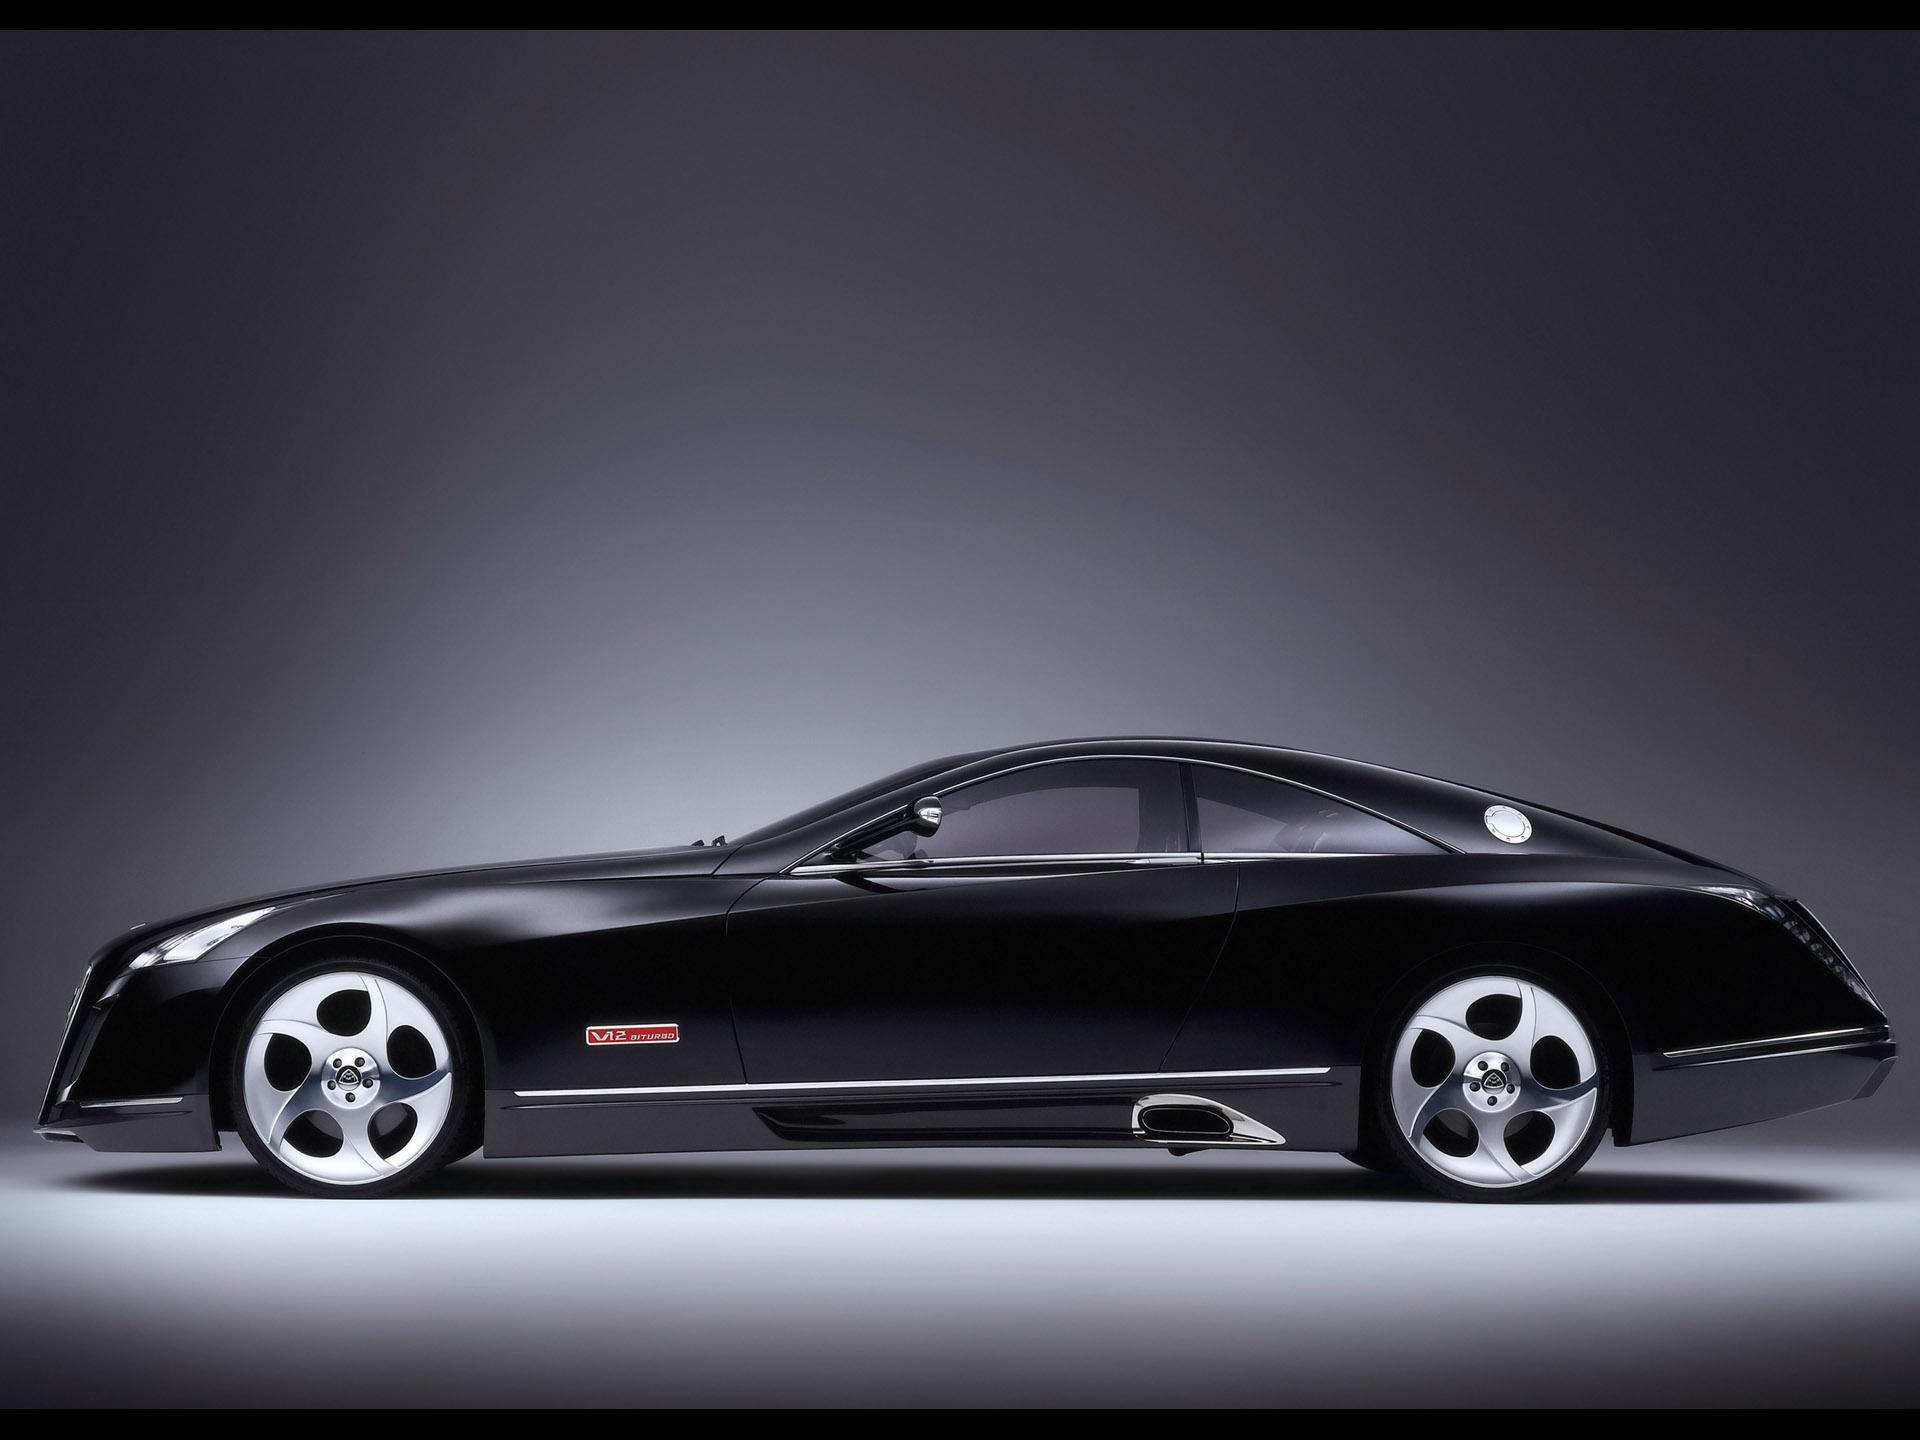 2005-Maybach-Exelero-Show-Car-S-1920x1440.jpg (1920×1440)